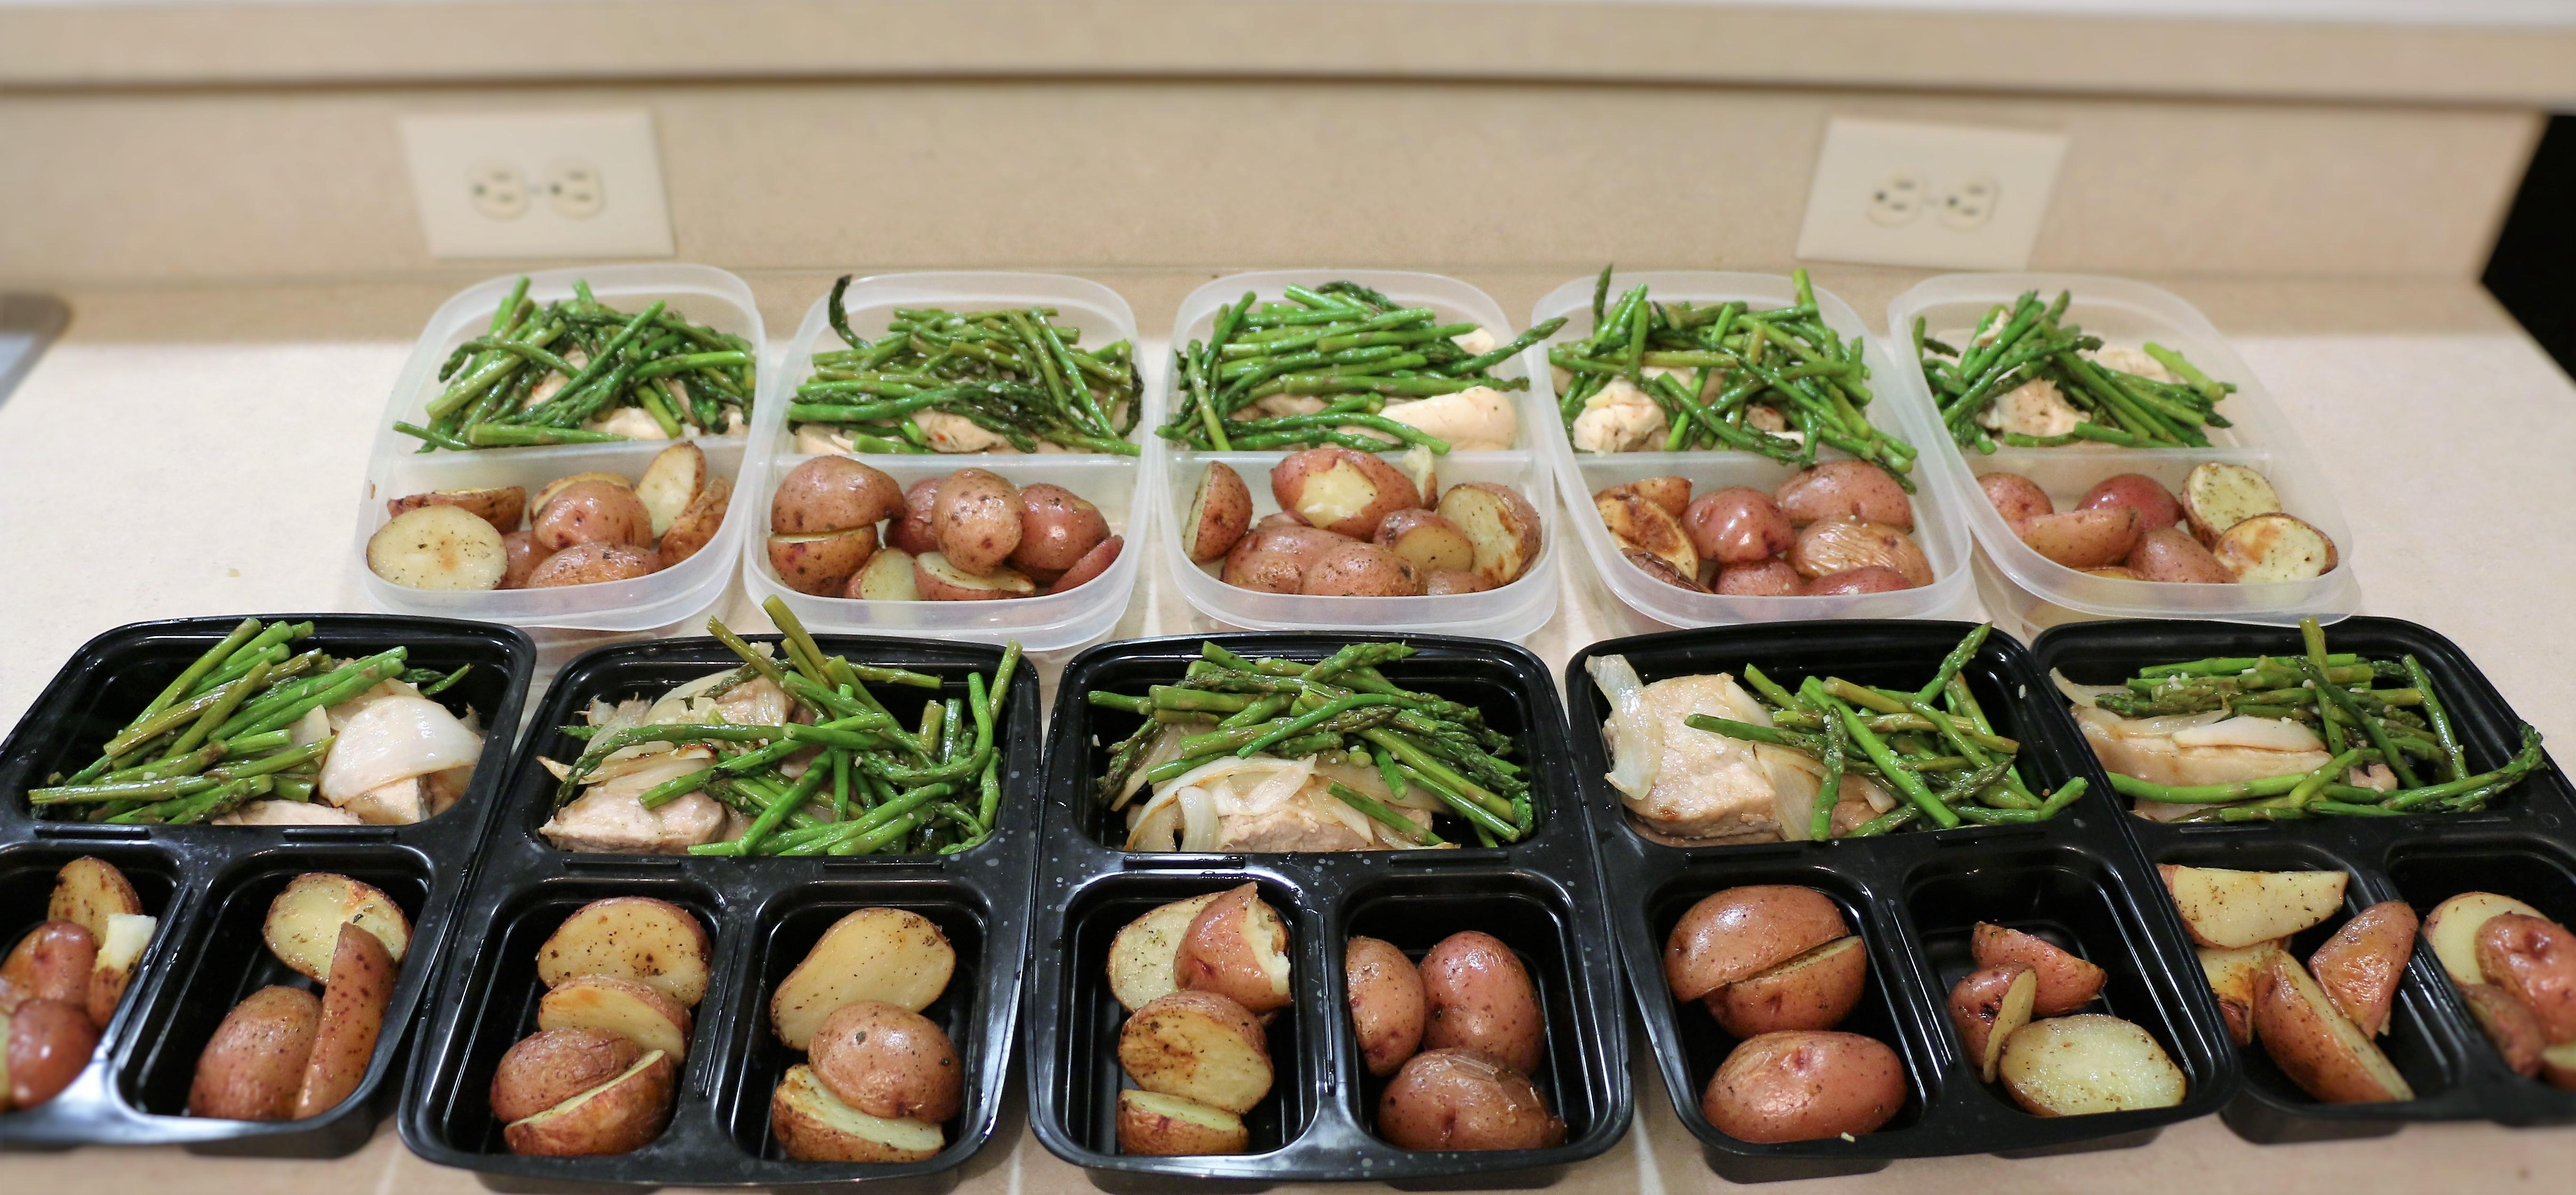 My Weekly Meal Prep 31 |